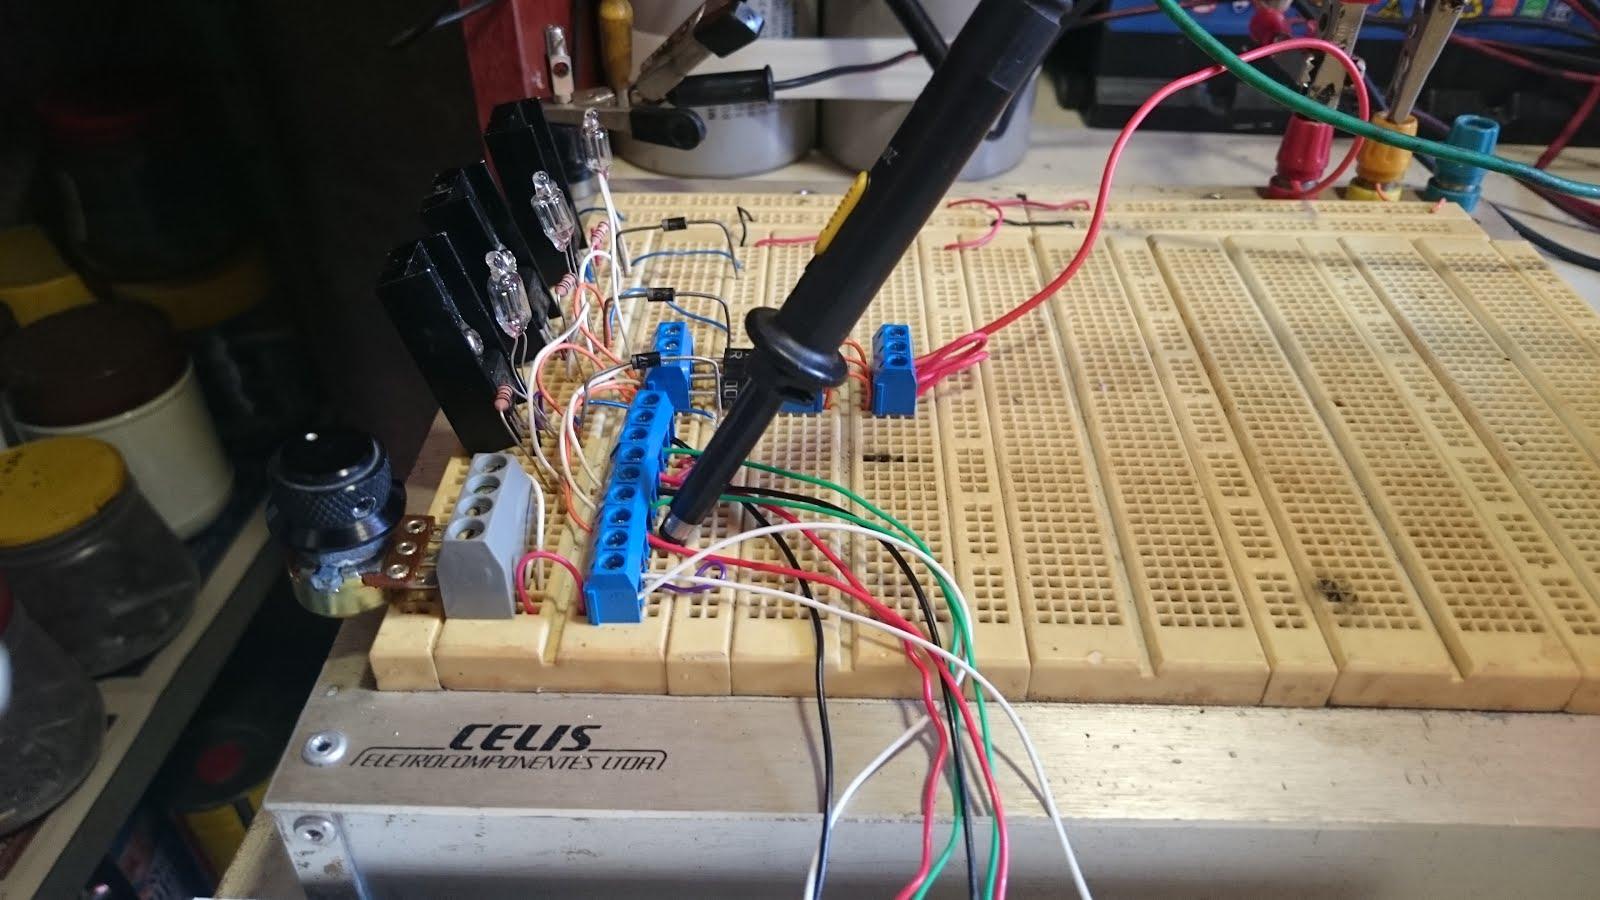 bd4e759488f Apresento nestas fotos uma visão geral do aspecto da montagem dos  componentes do circuito bedini numa proto-board.